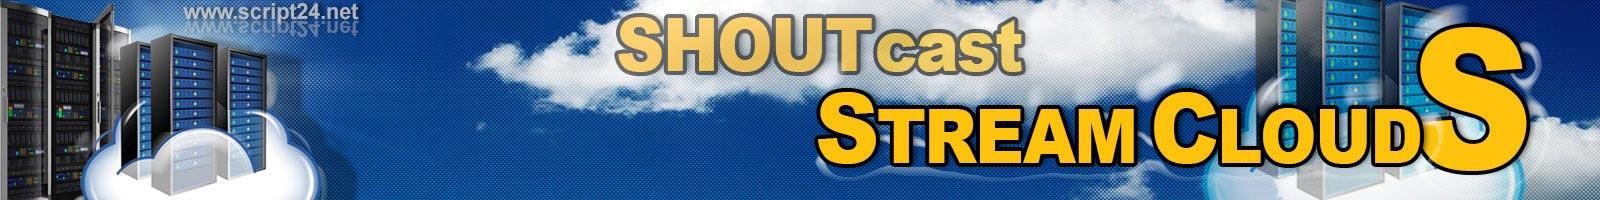 SHOUTcast Stream Cloud S